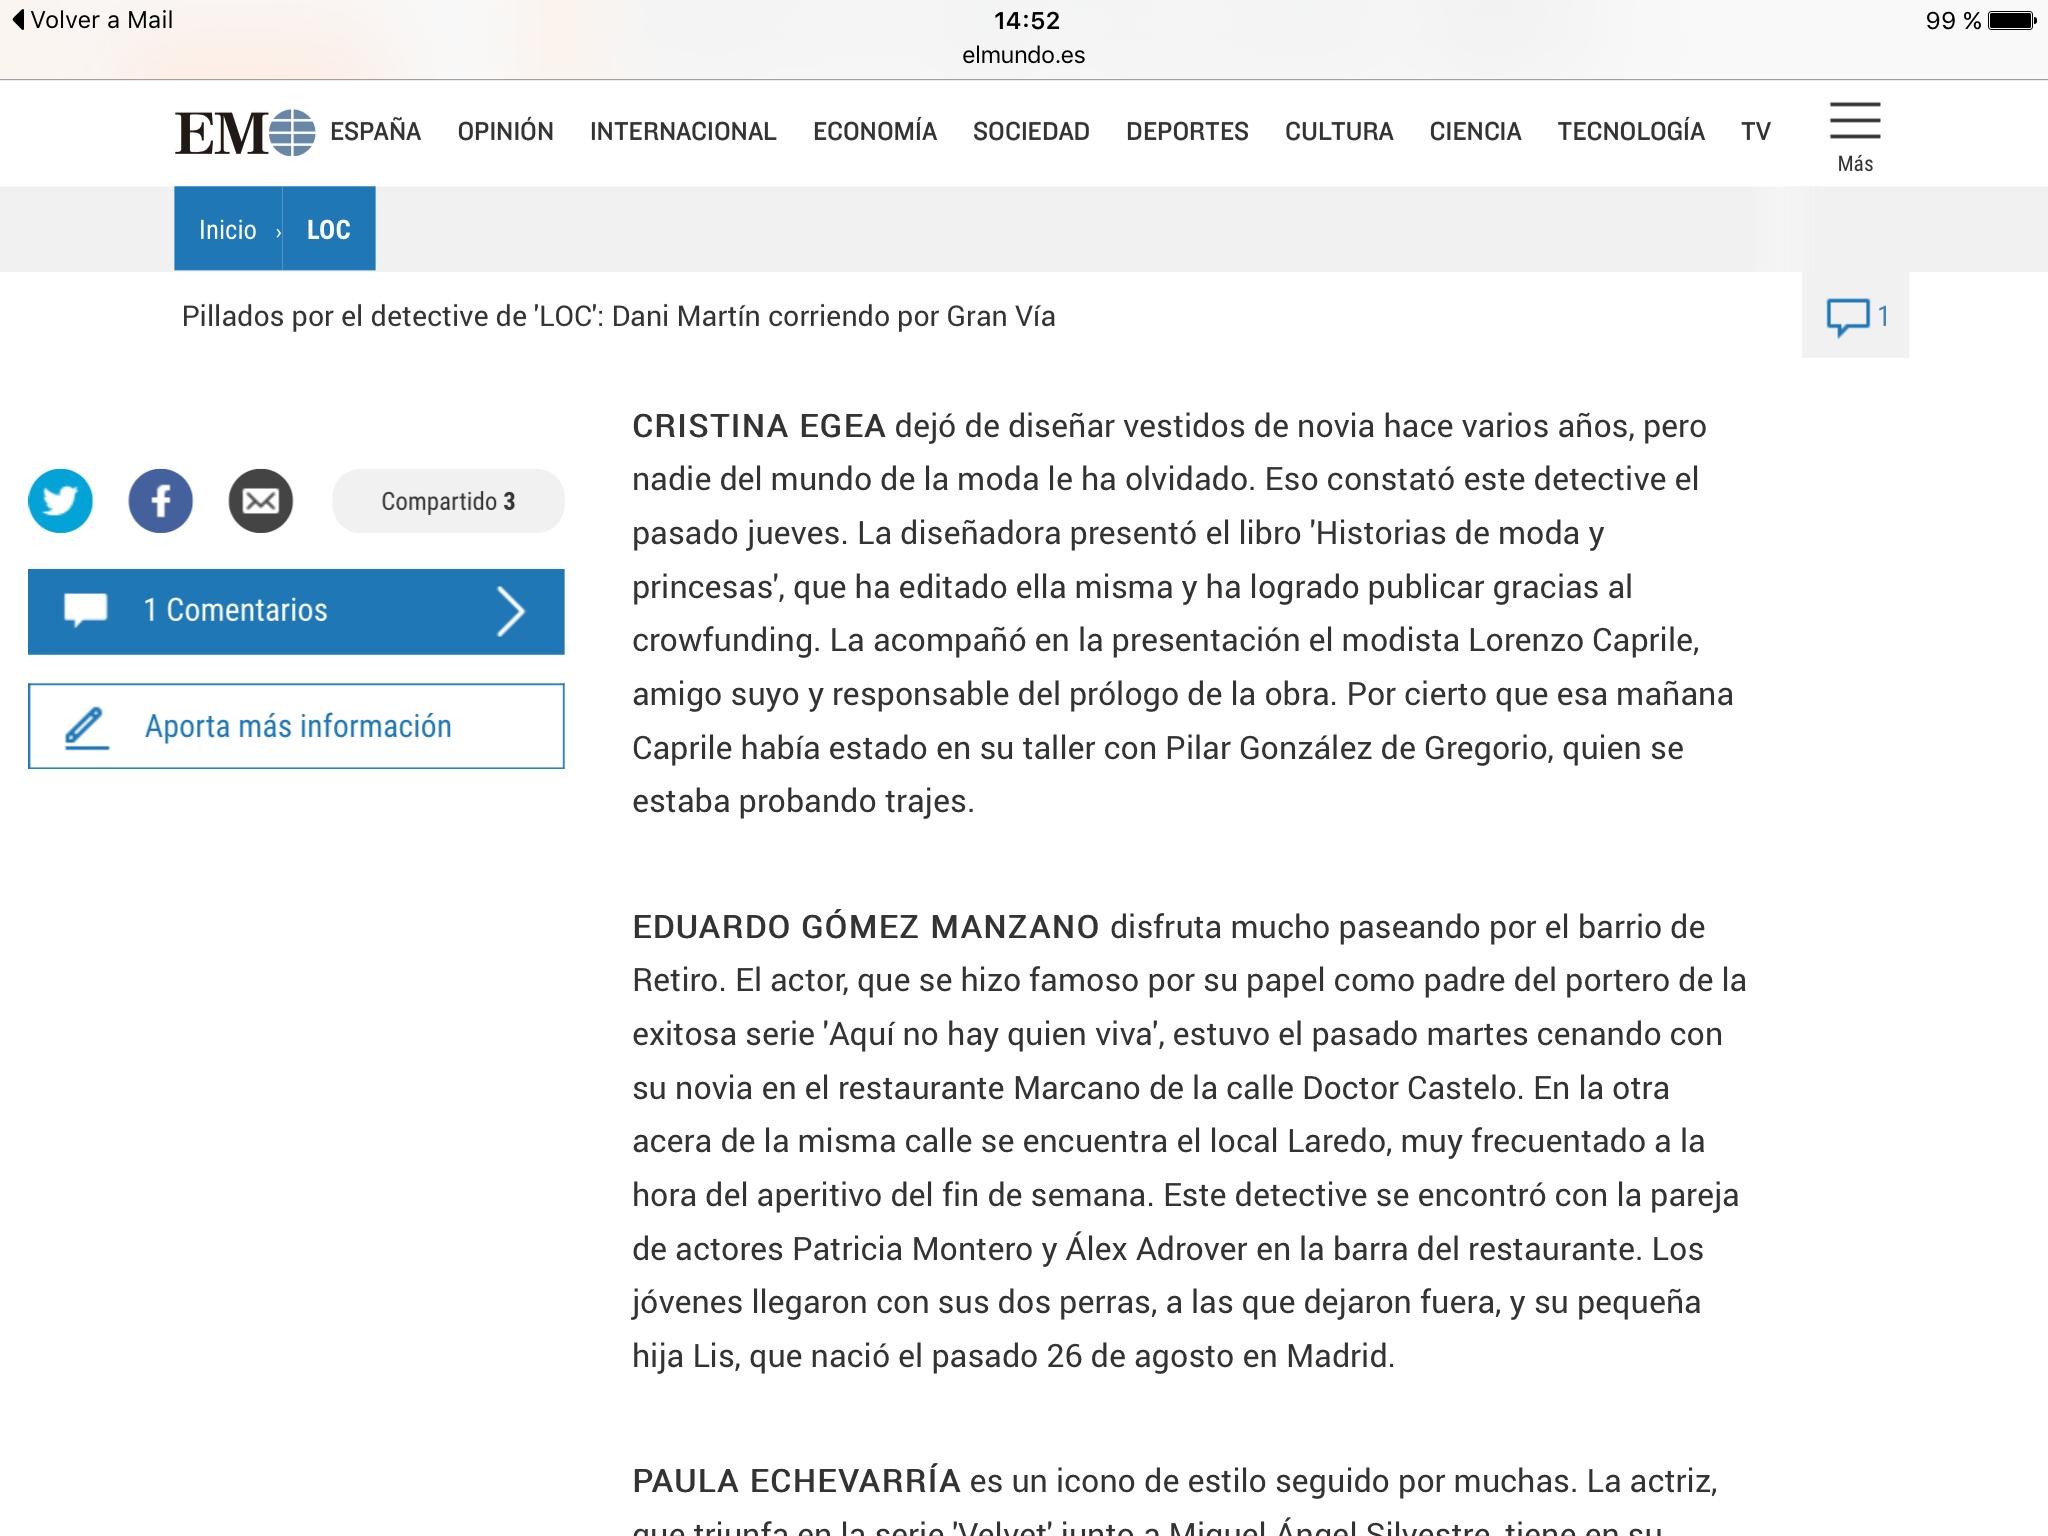 Presentación del libro Historias de Moda y Princesas de Cristina Egea